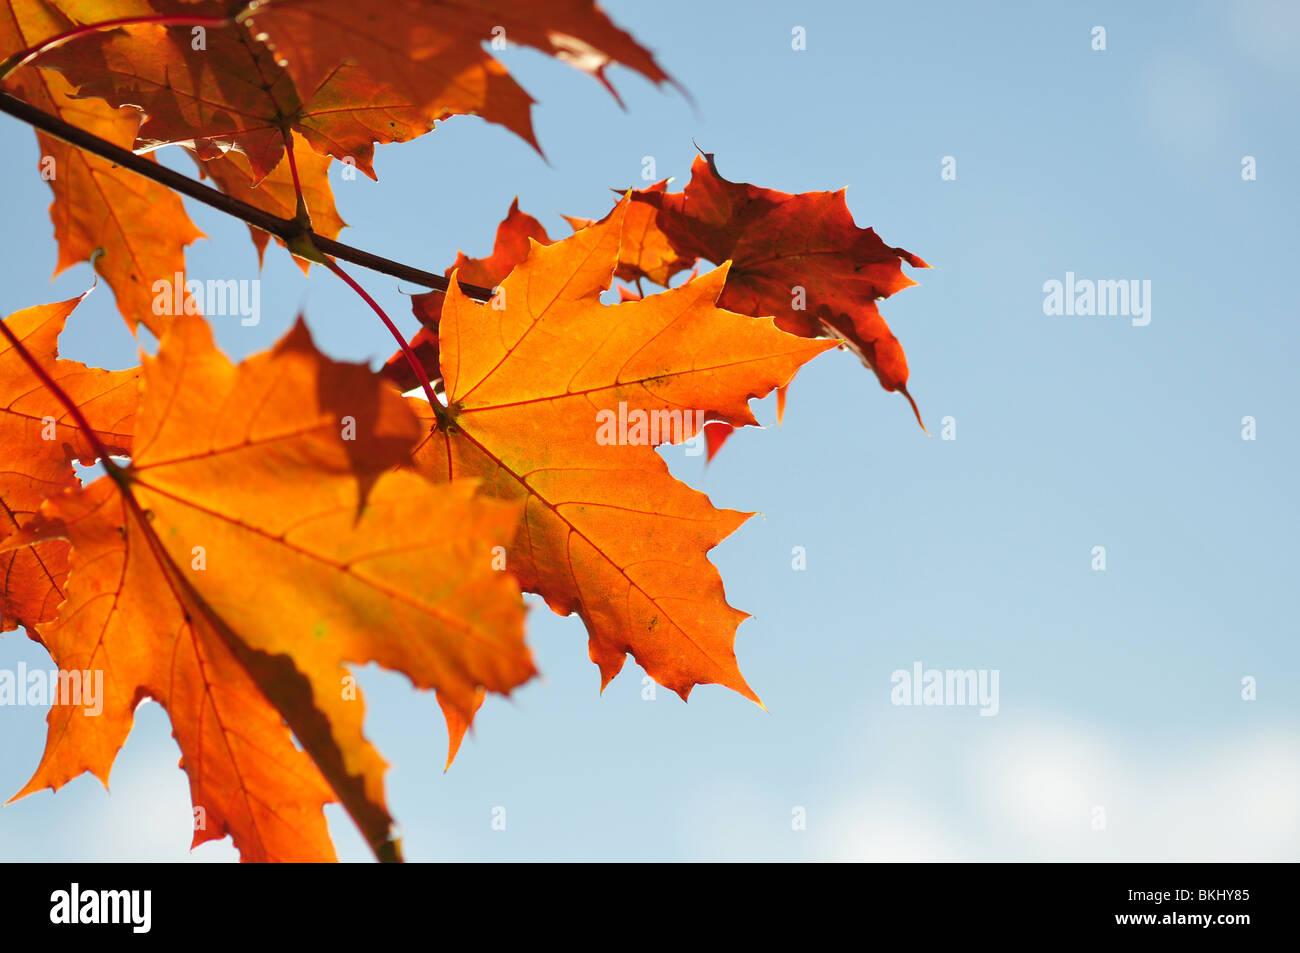 Automne feuilles d'automne, plus de ciel bleu, l'accent peu profondes Photo Stock